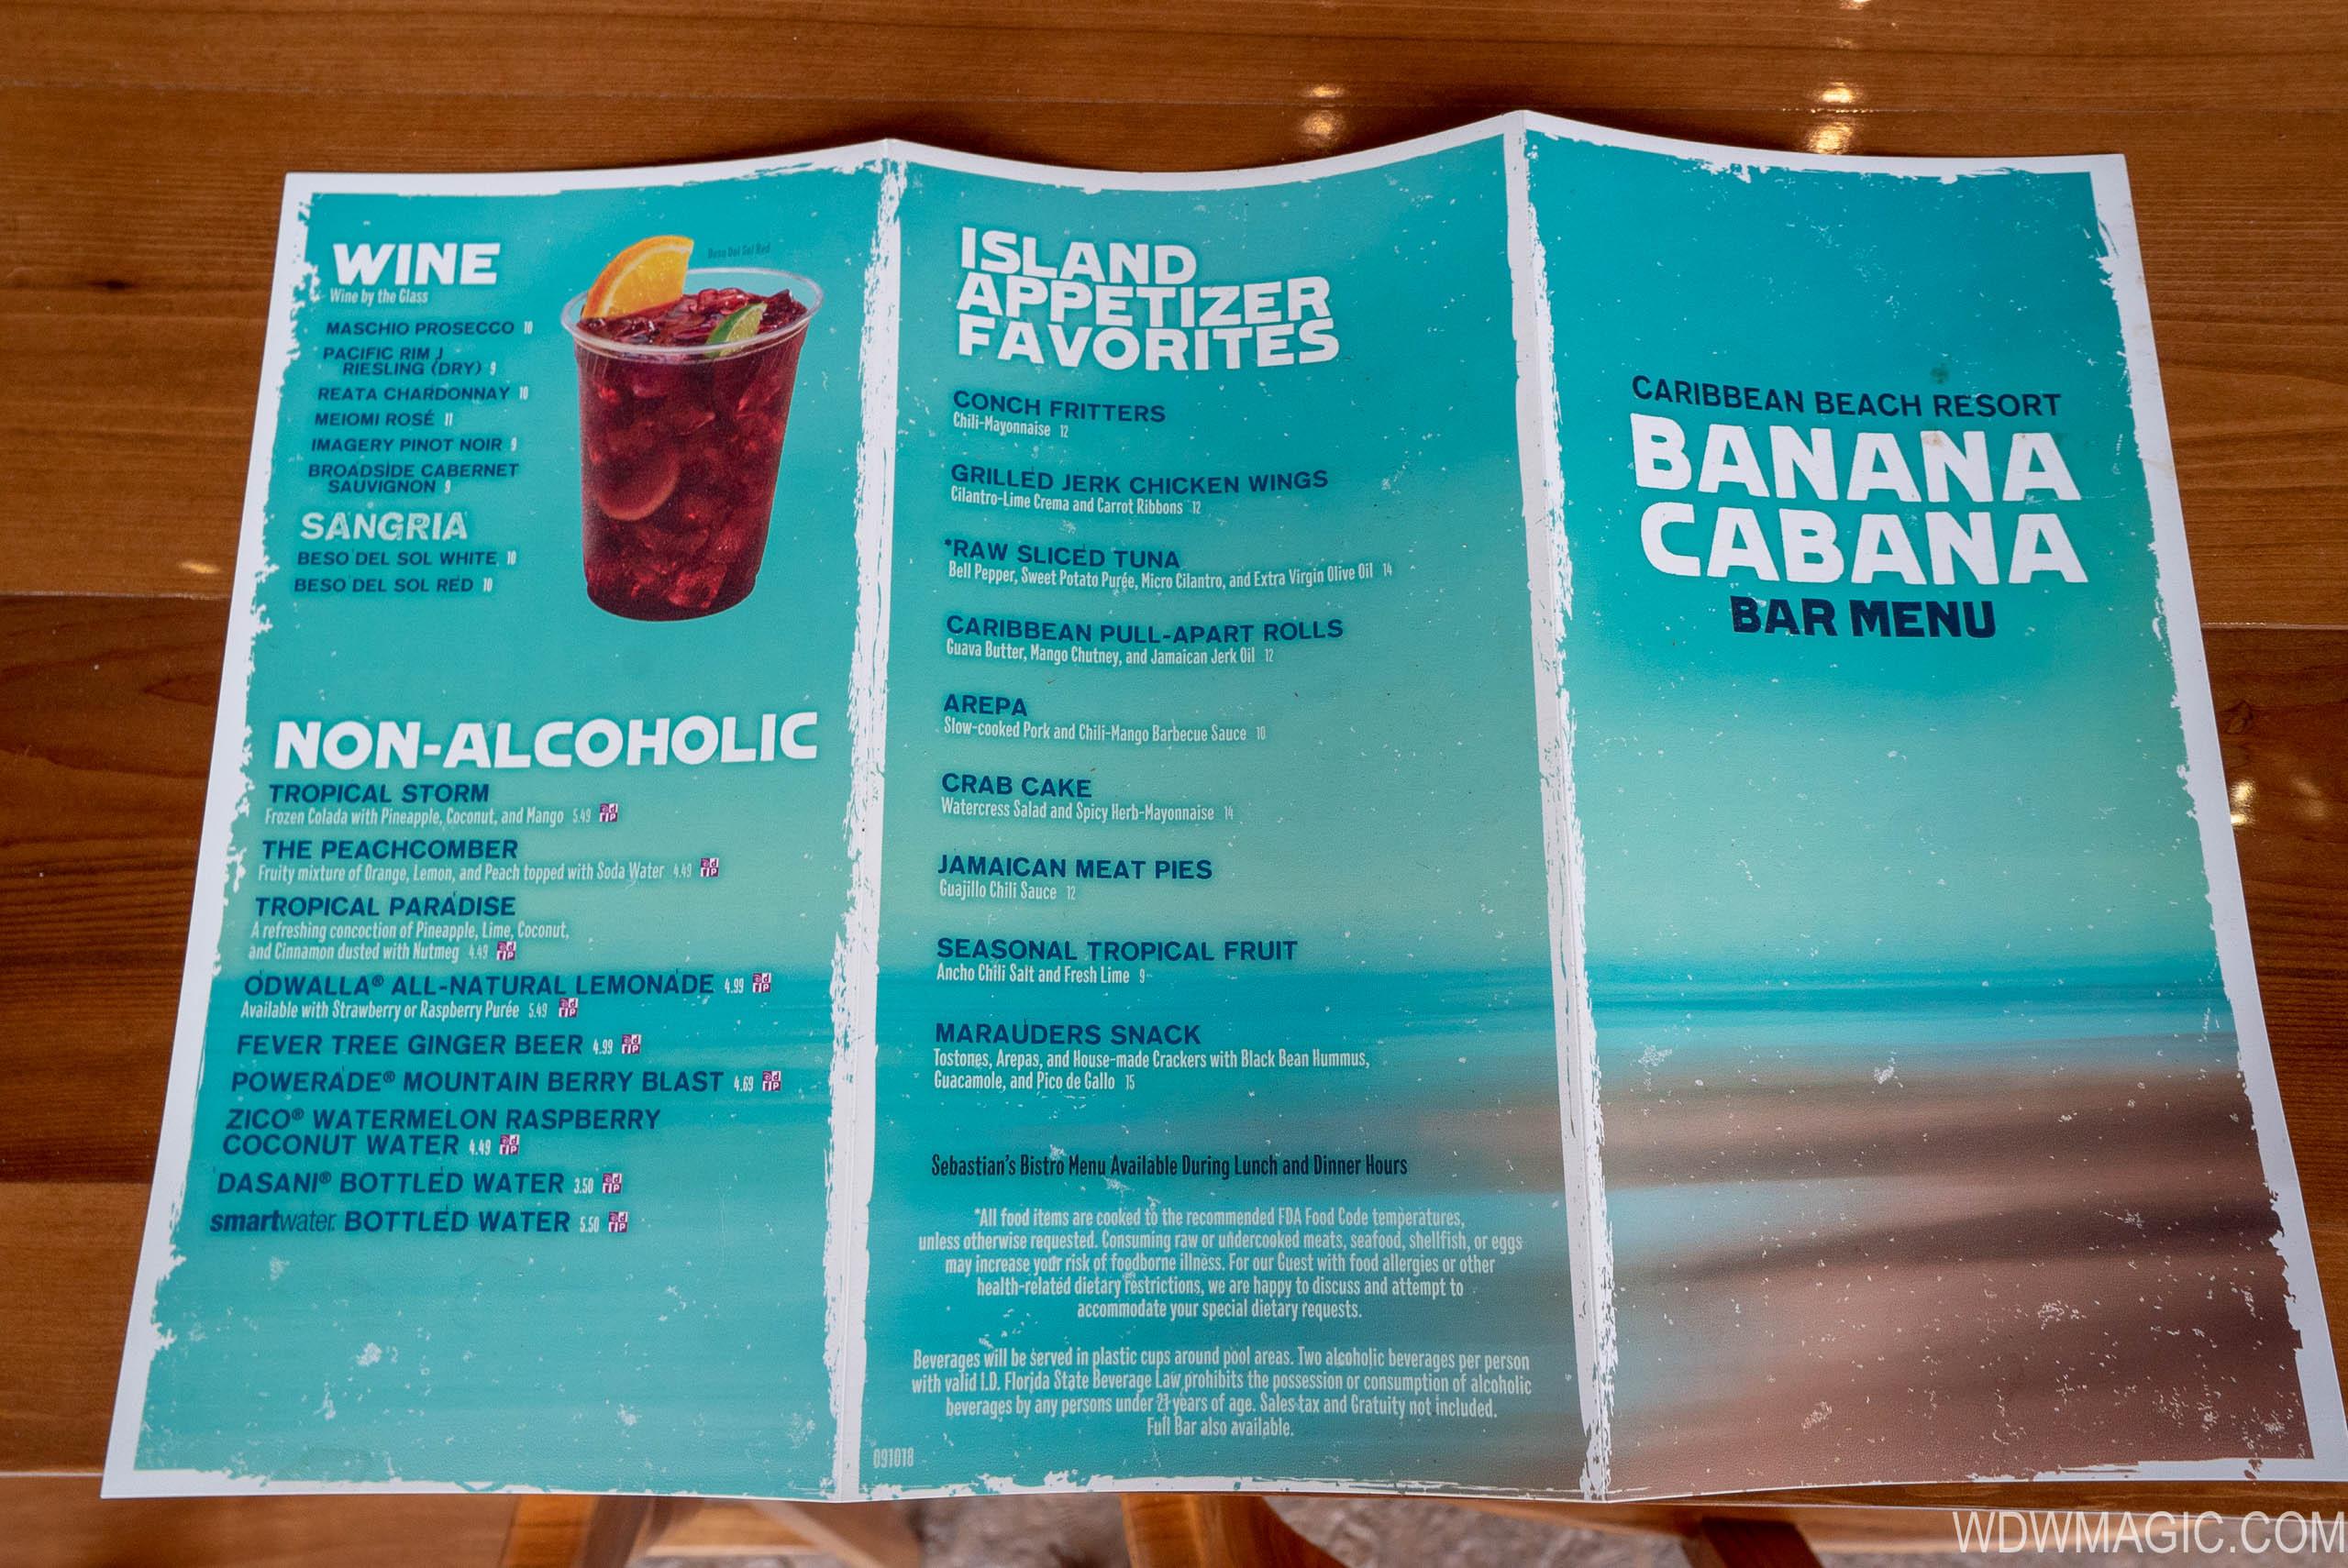 Banana cabana food menu